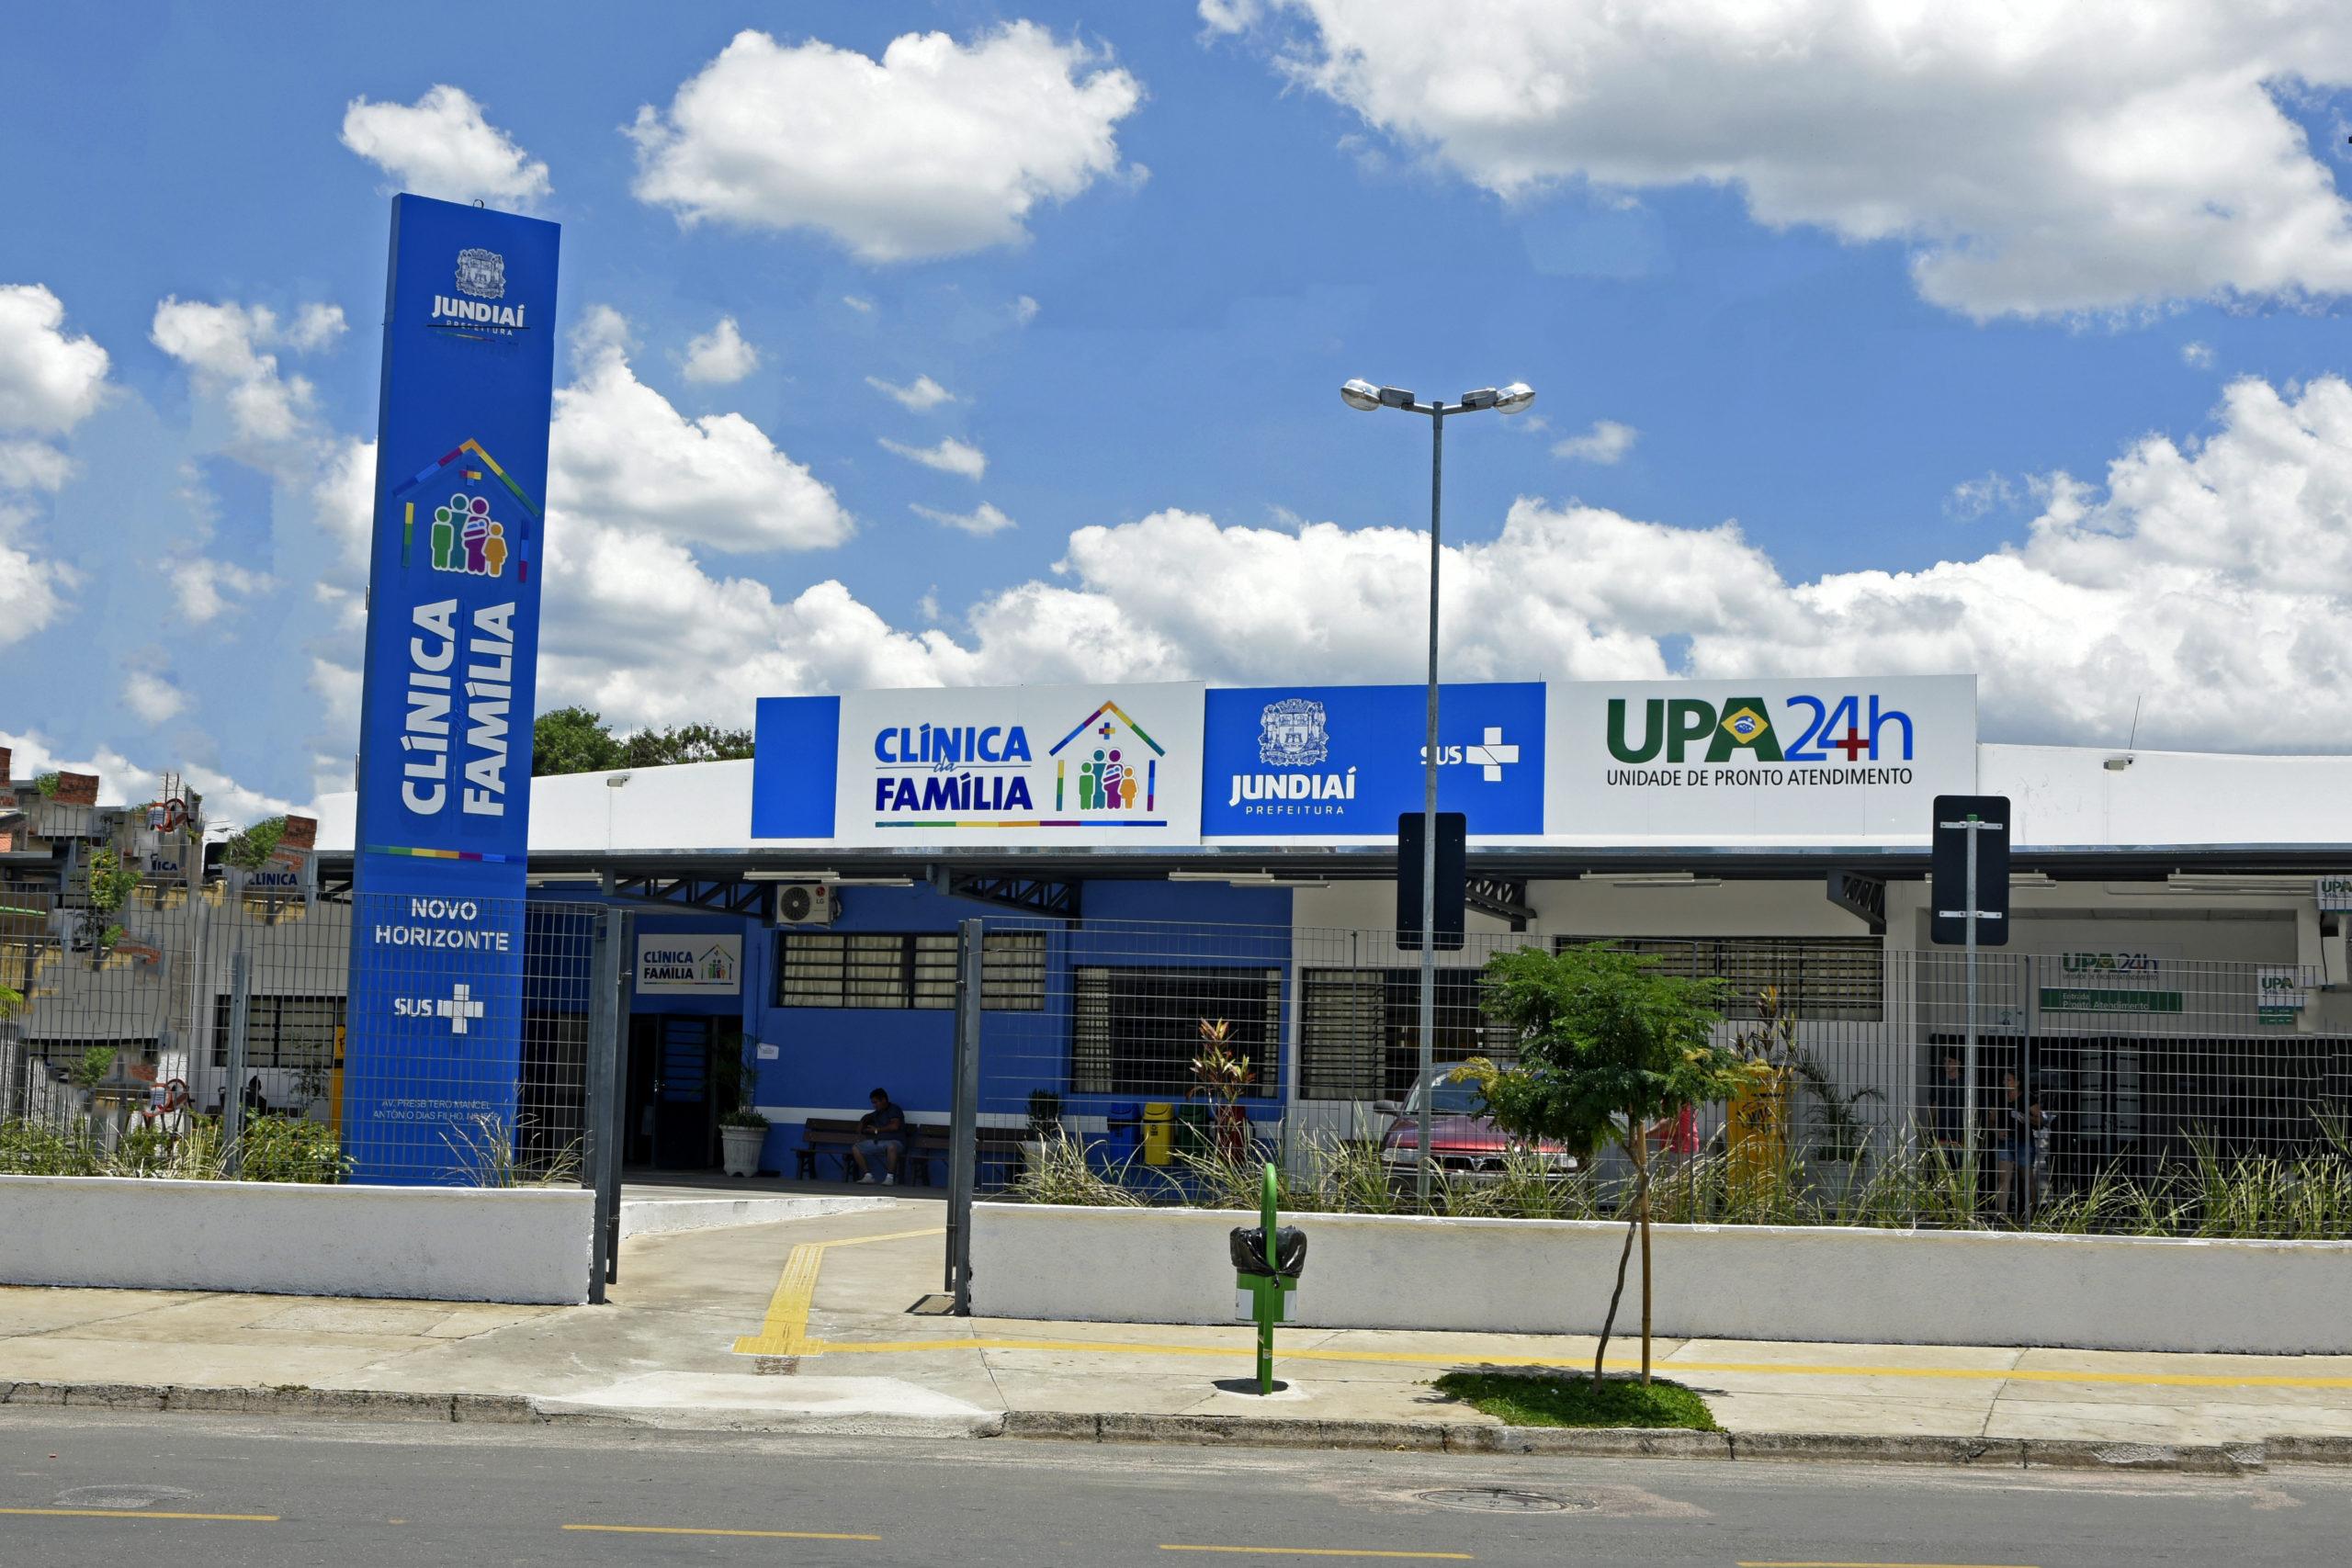 Complexo da Clínica da Família Novo Horizonte e a UPA 24H Vetor Oeste foram inaugurados em dezembro de 2018